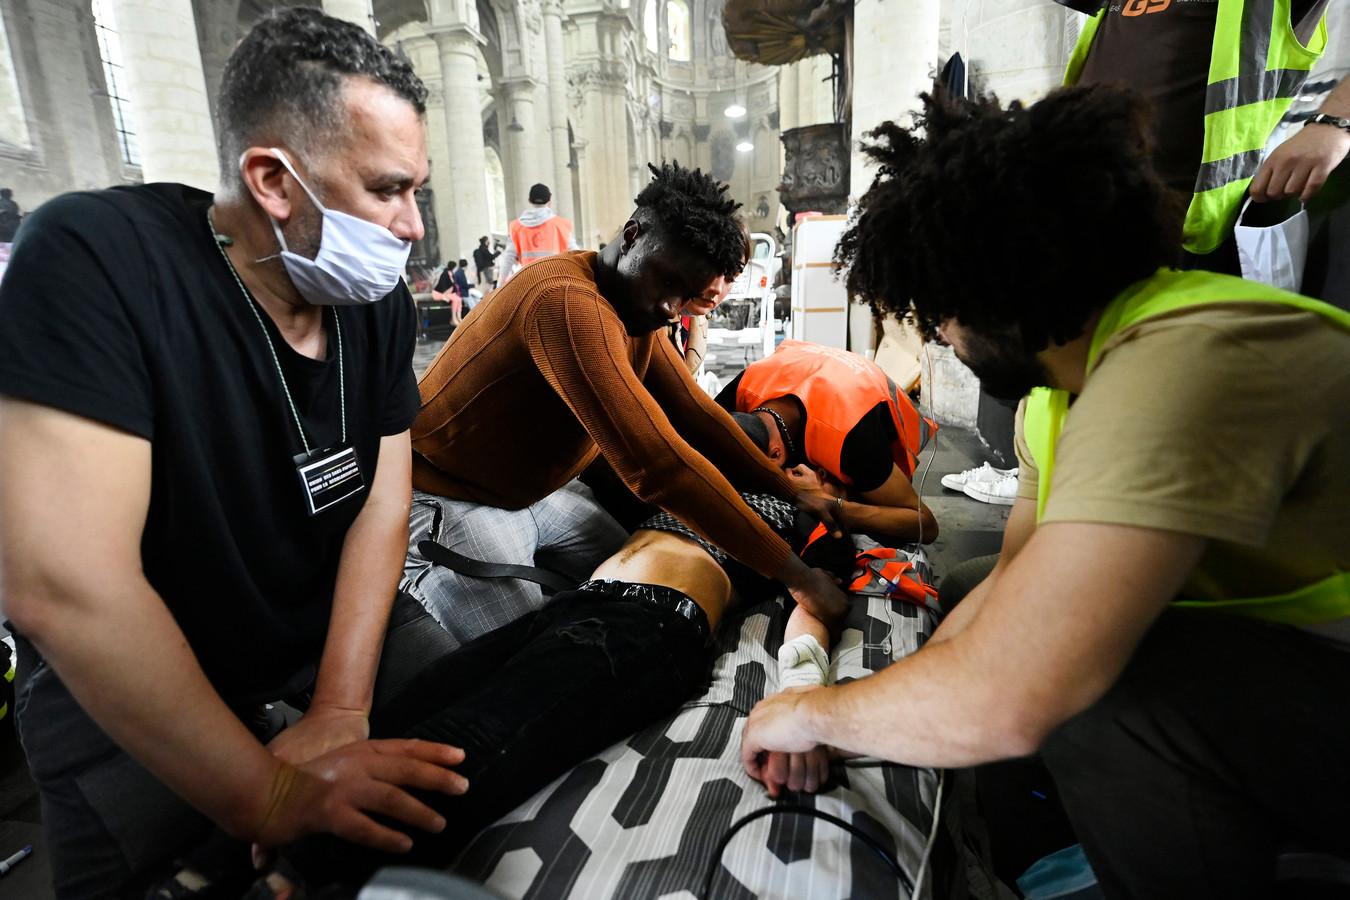 Plus de 400 migrants ont débuté une grève de la faim fin mai.